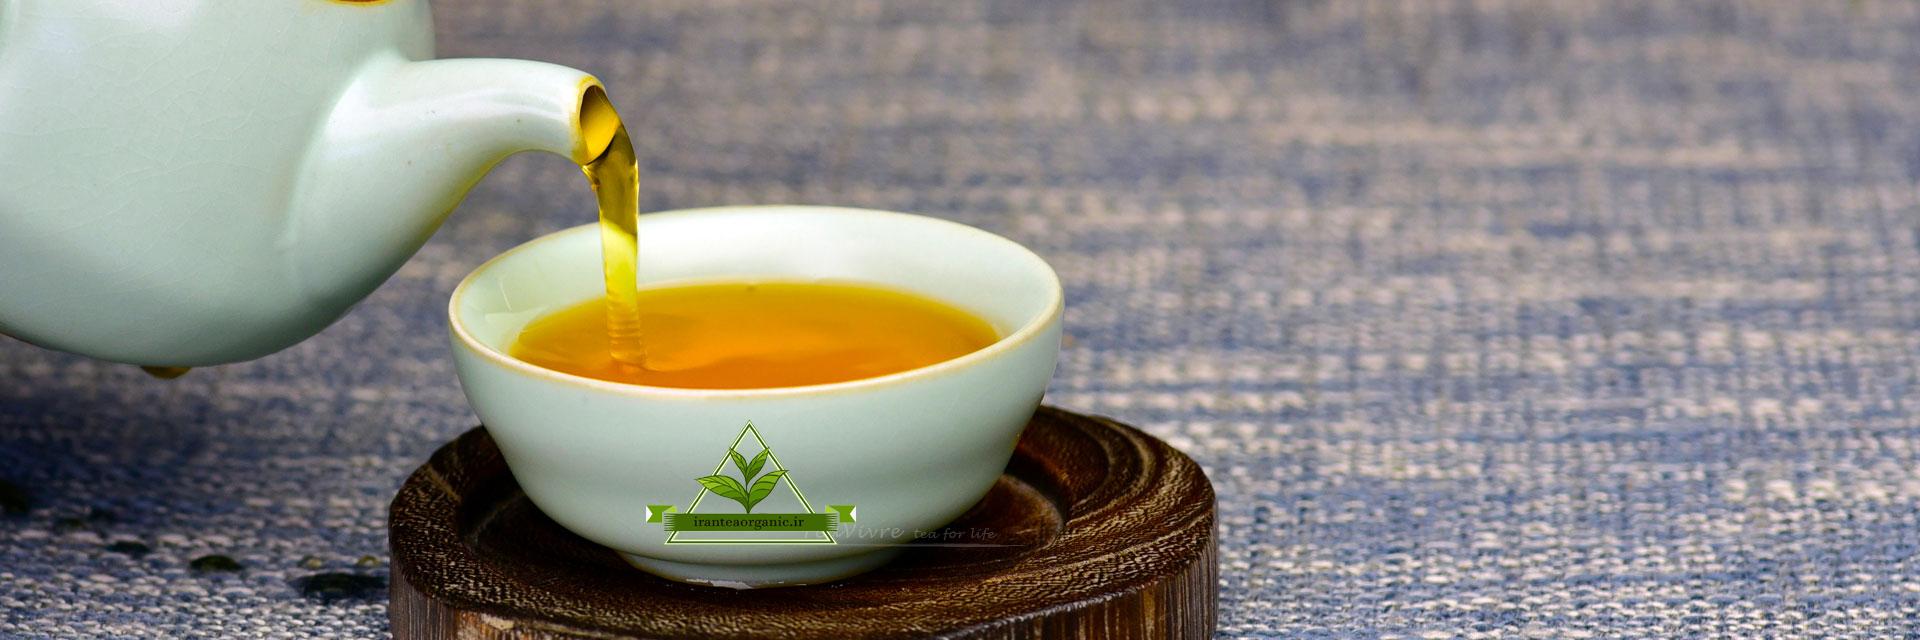 فروش چای سنتی